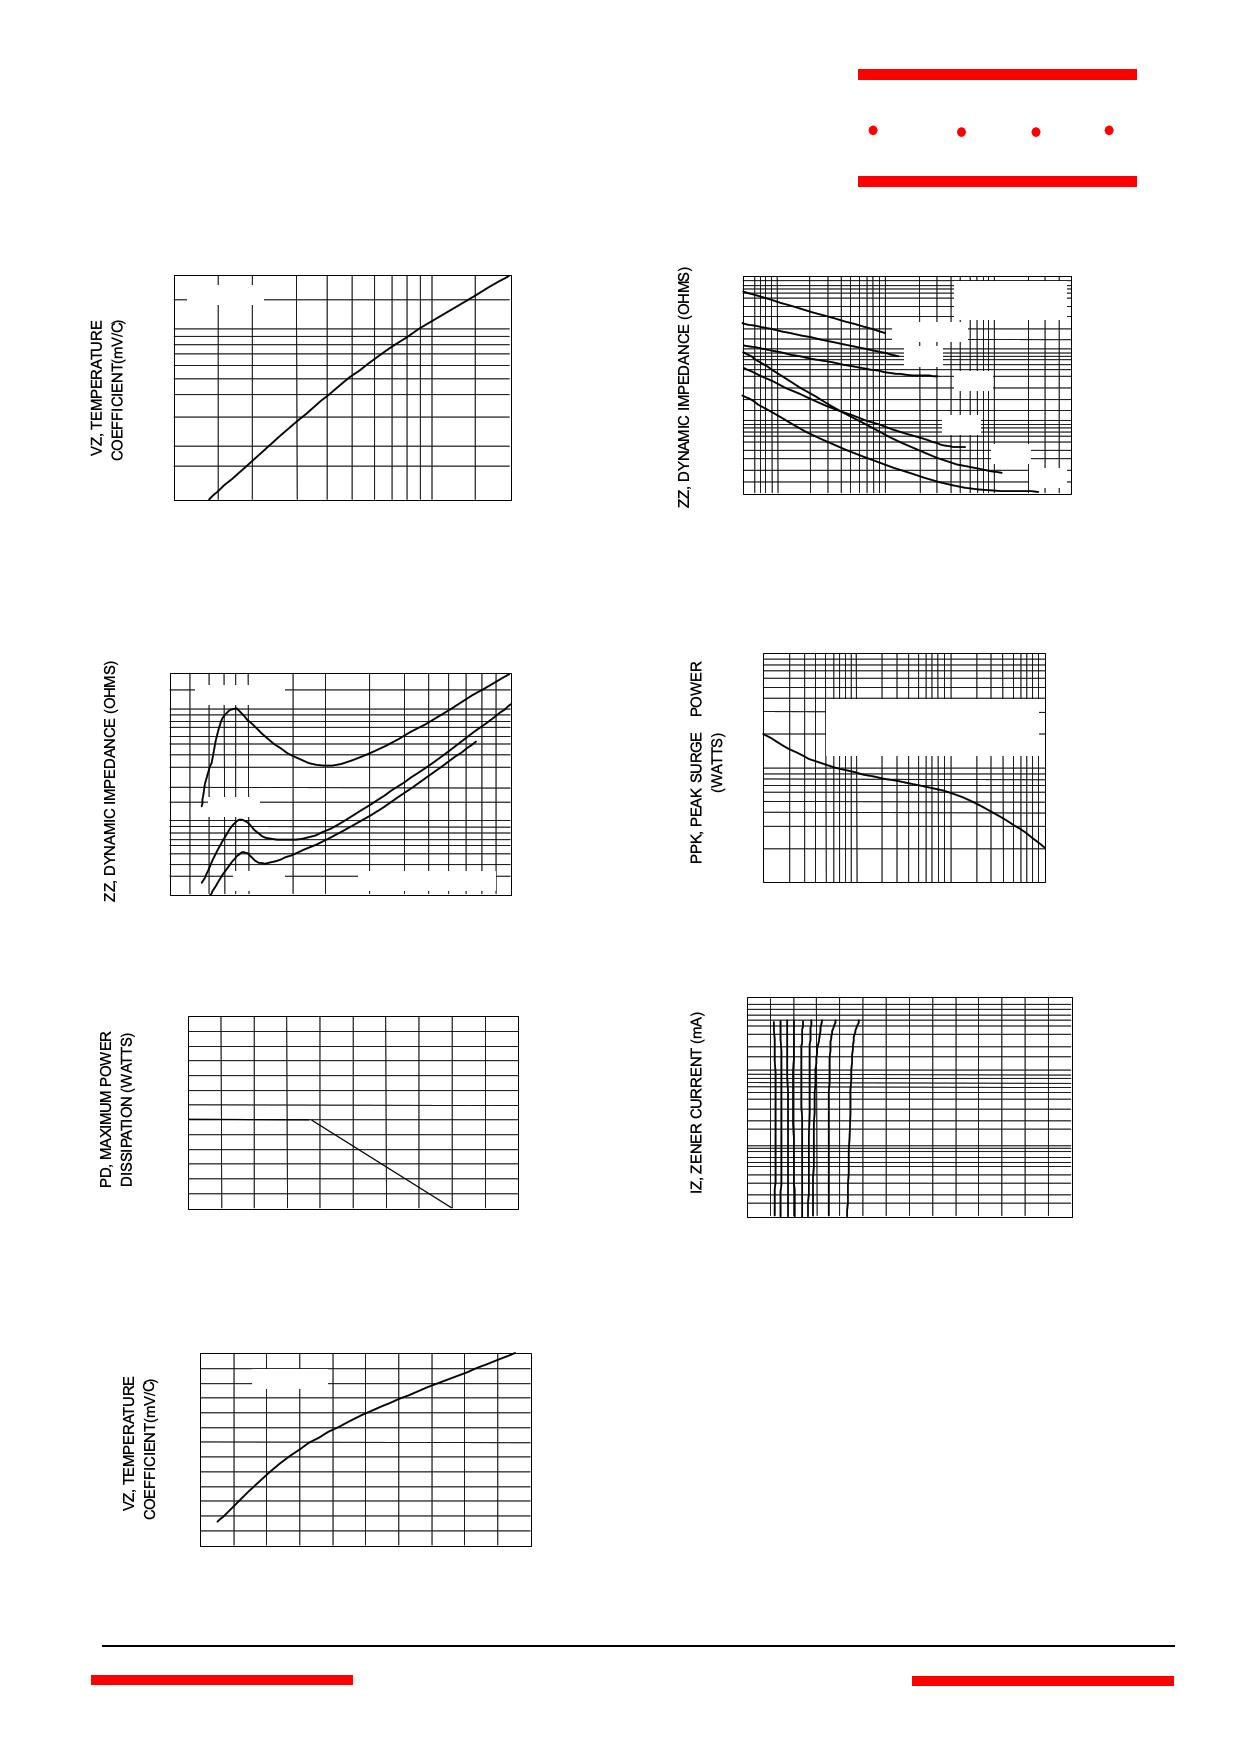 SMBJ5953B pdf, 電子部品, 半導体, ピン配列